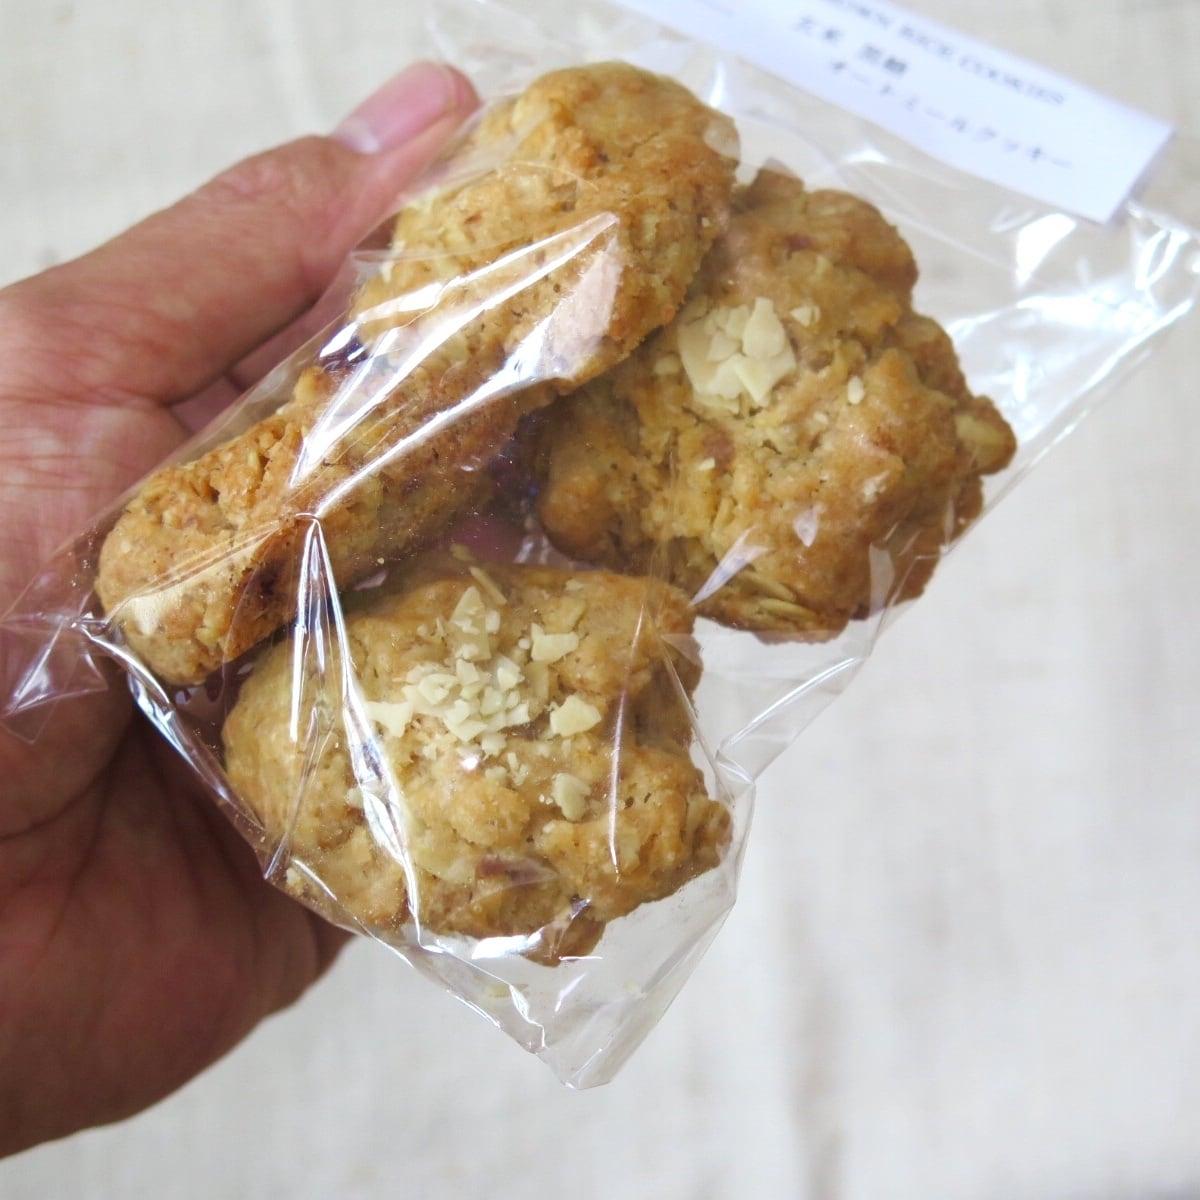 米粉  黒糖  オートミール  クッキー - 画像2